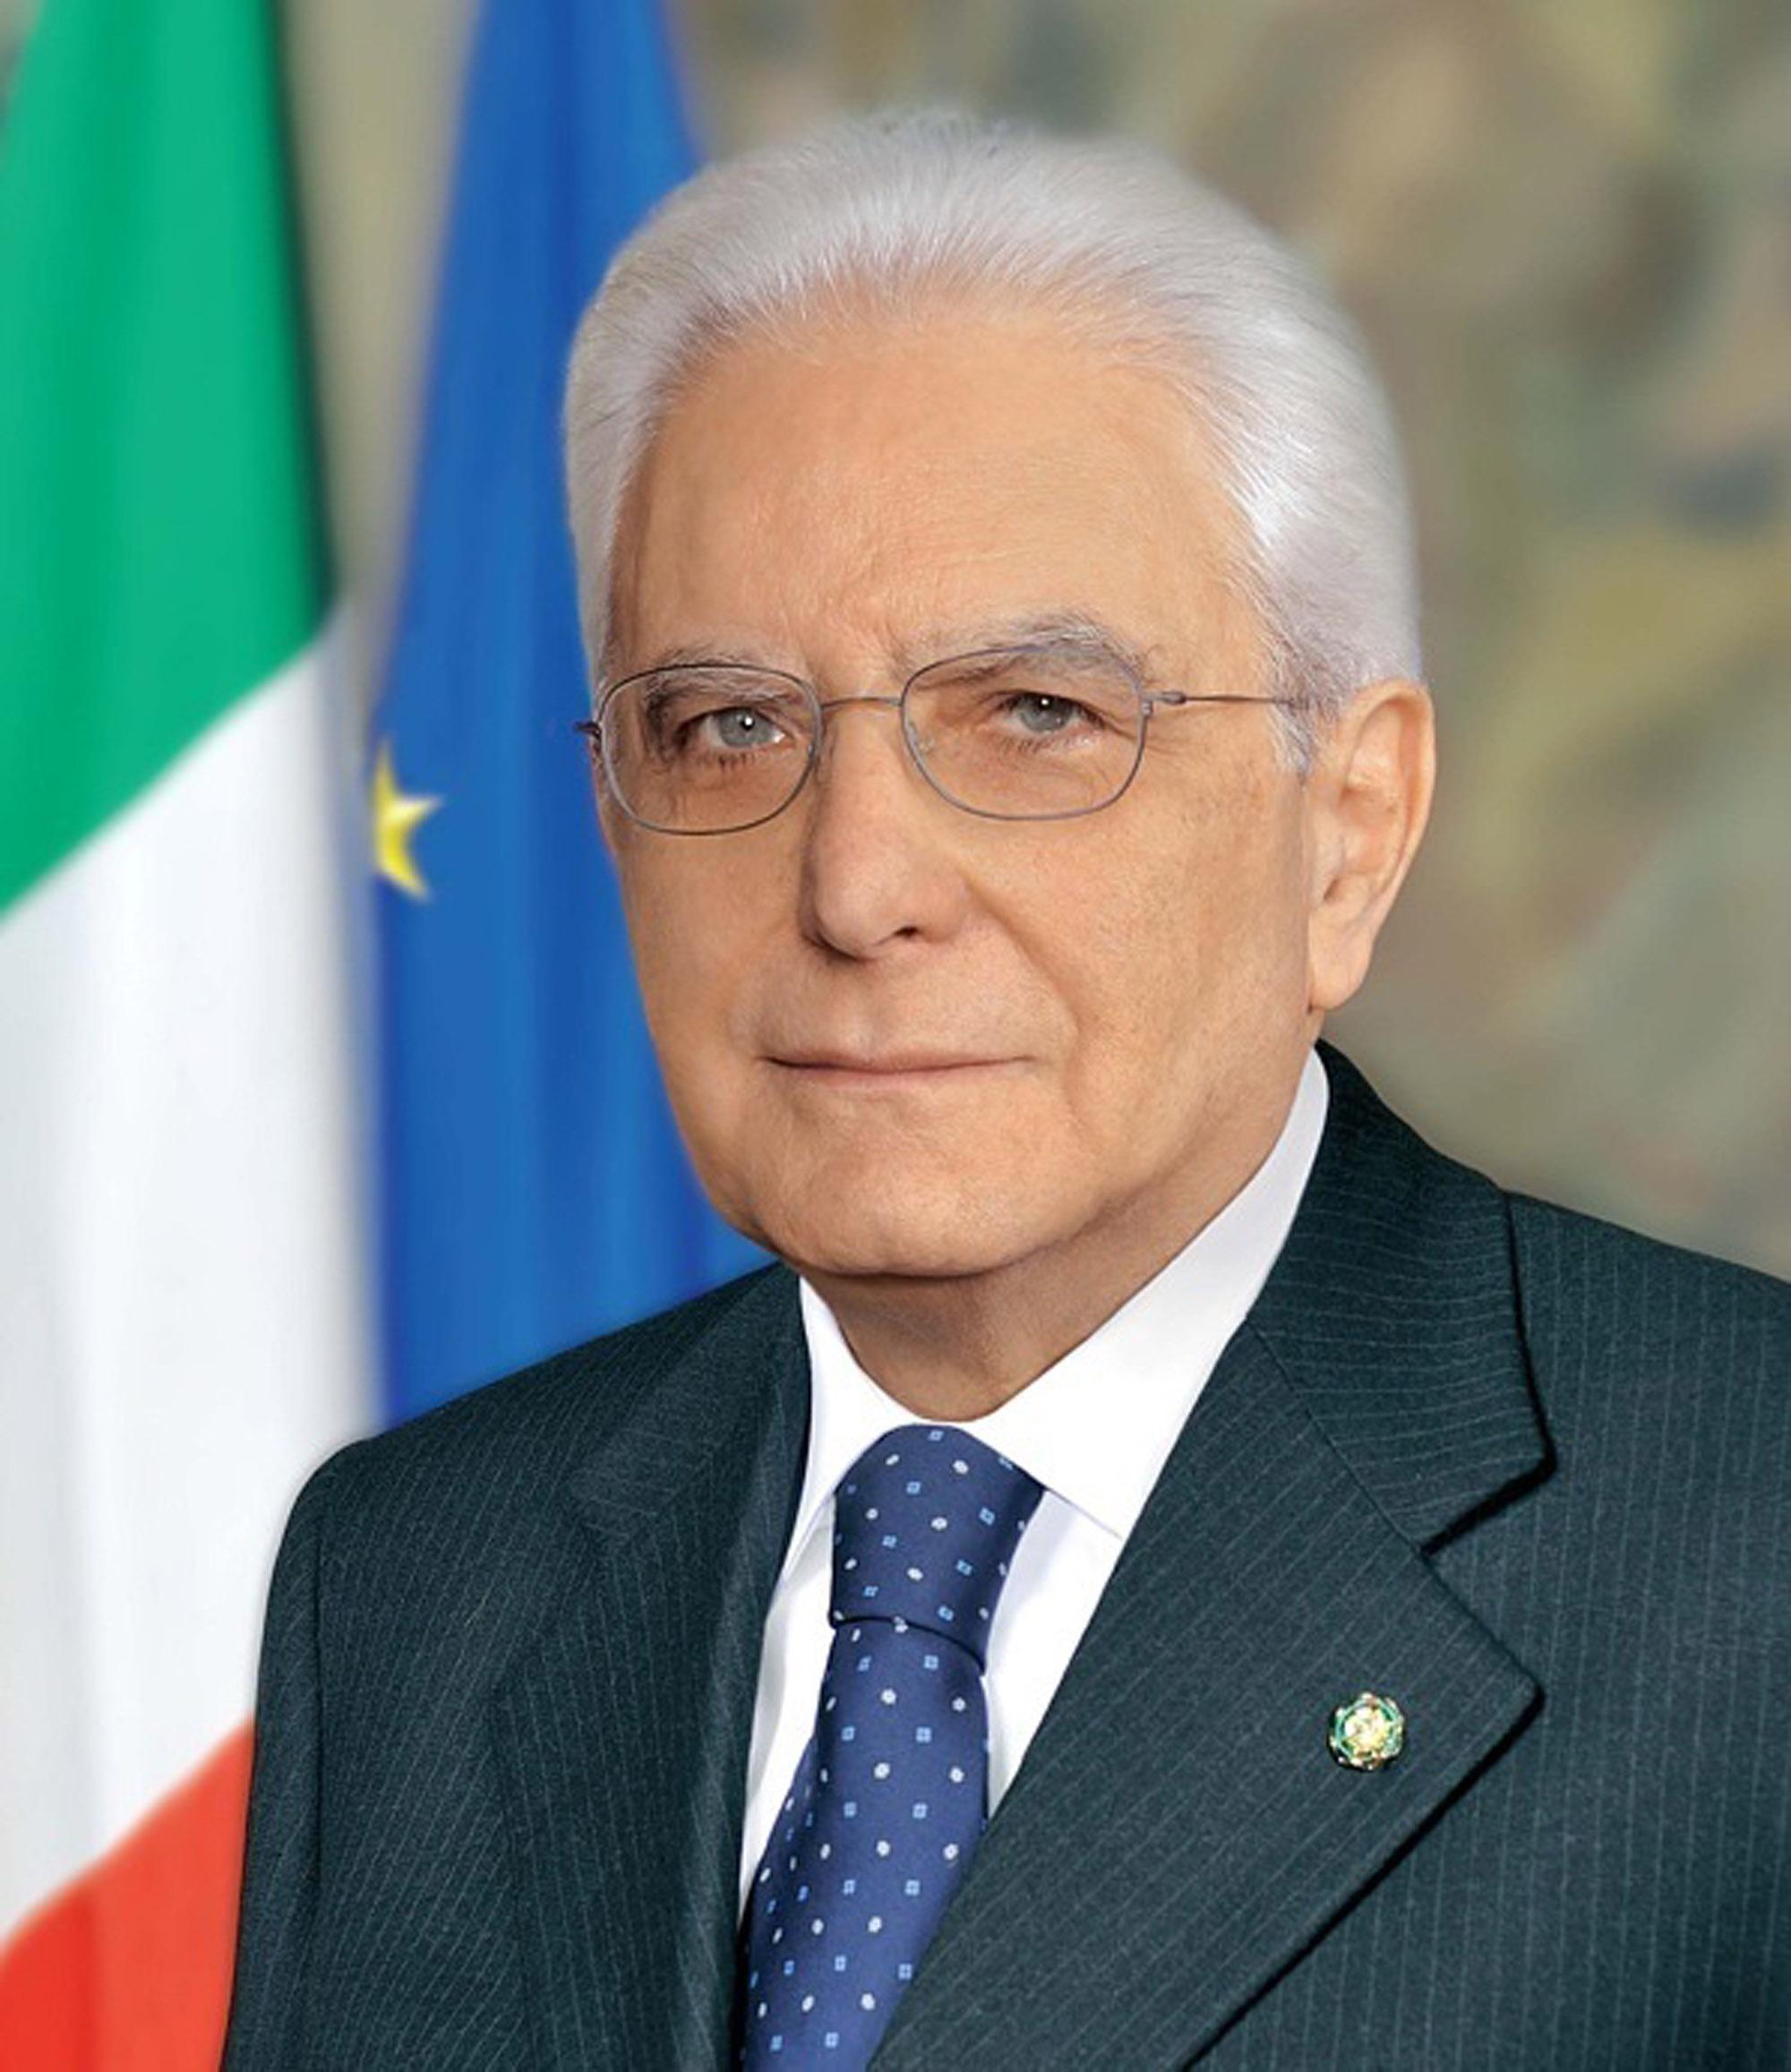 Visita del Presidente della Repubblica Sergio Mattarella il 24 settembre all'Università di Sassari